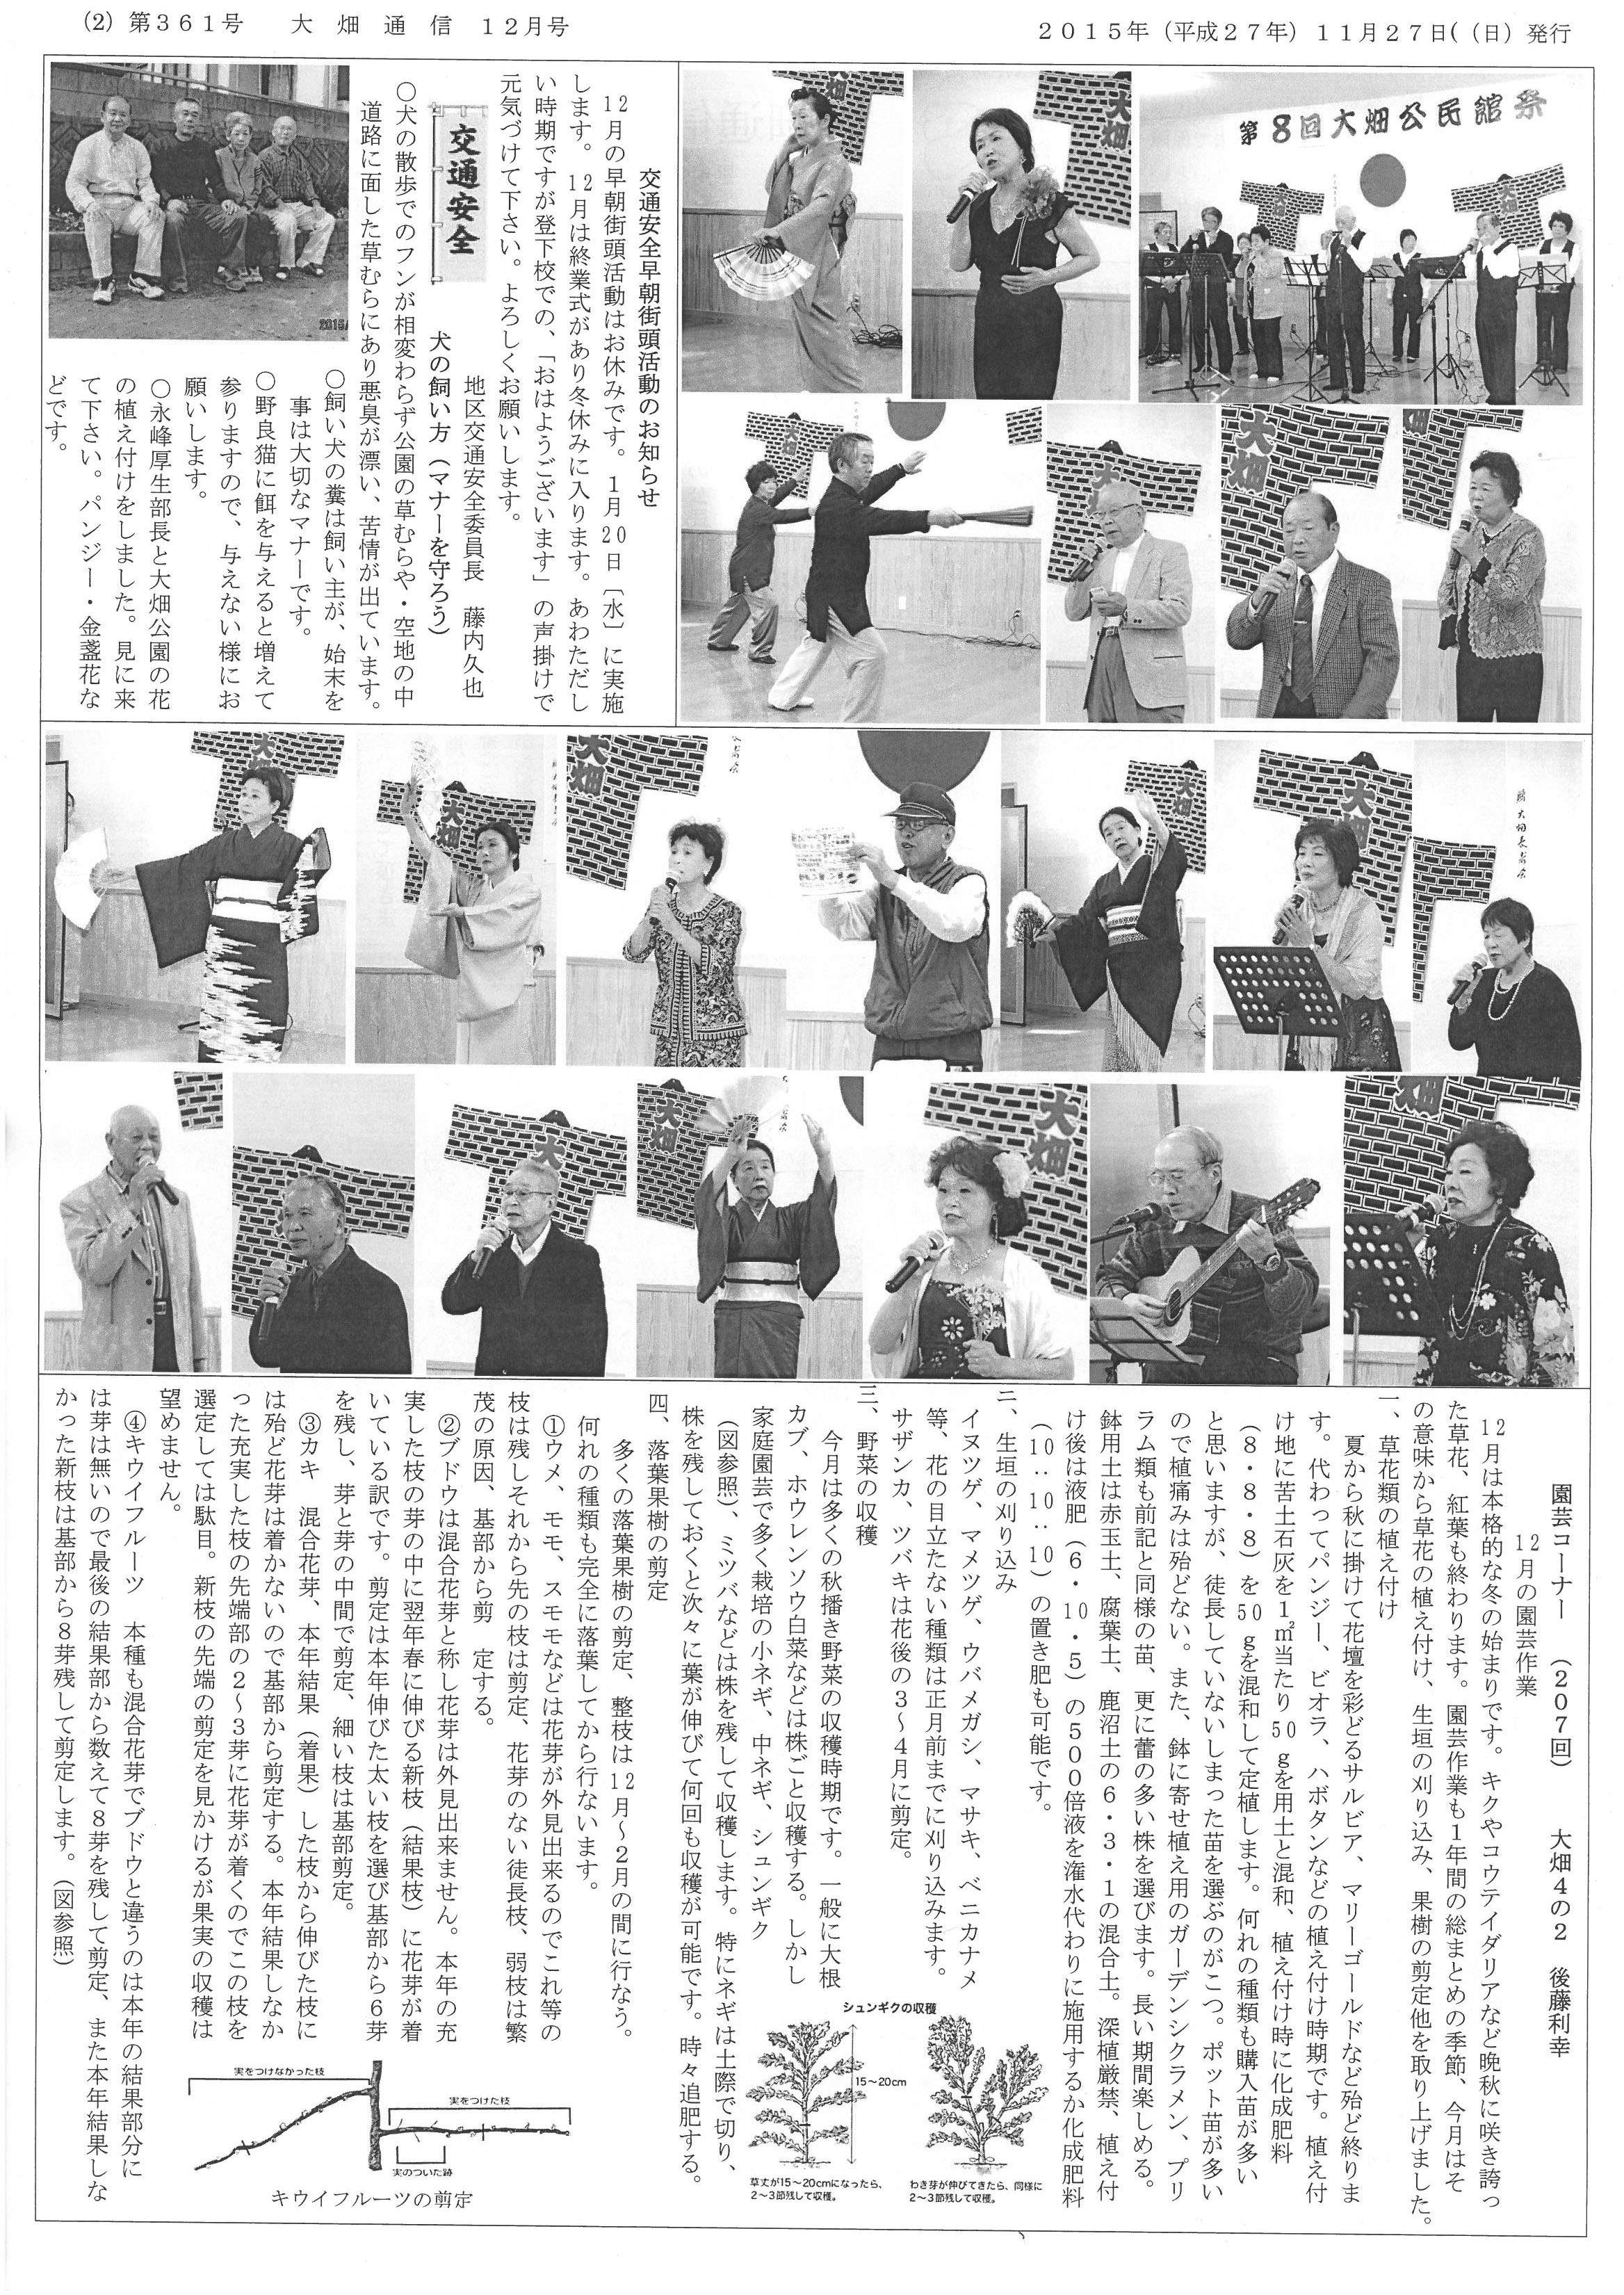 obatake2015_12_02